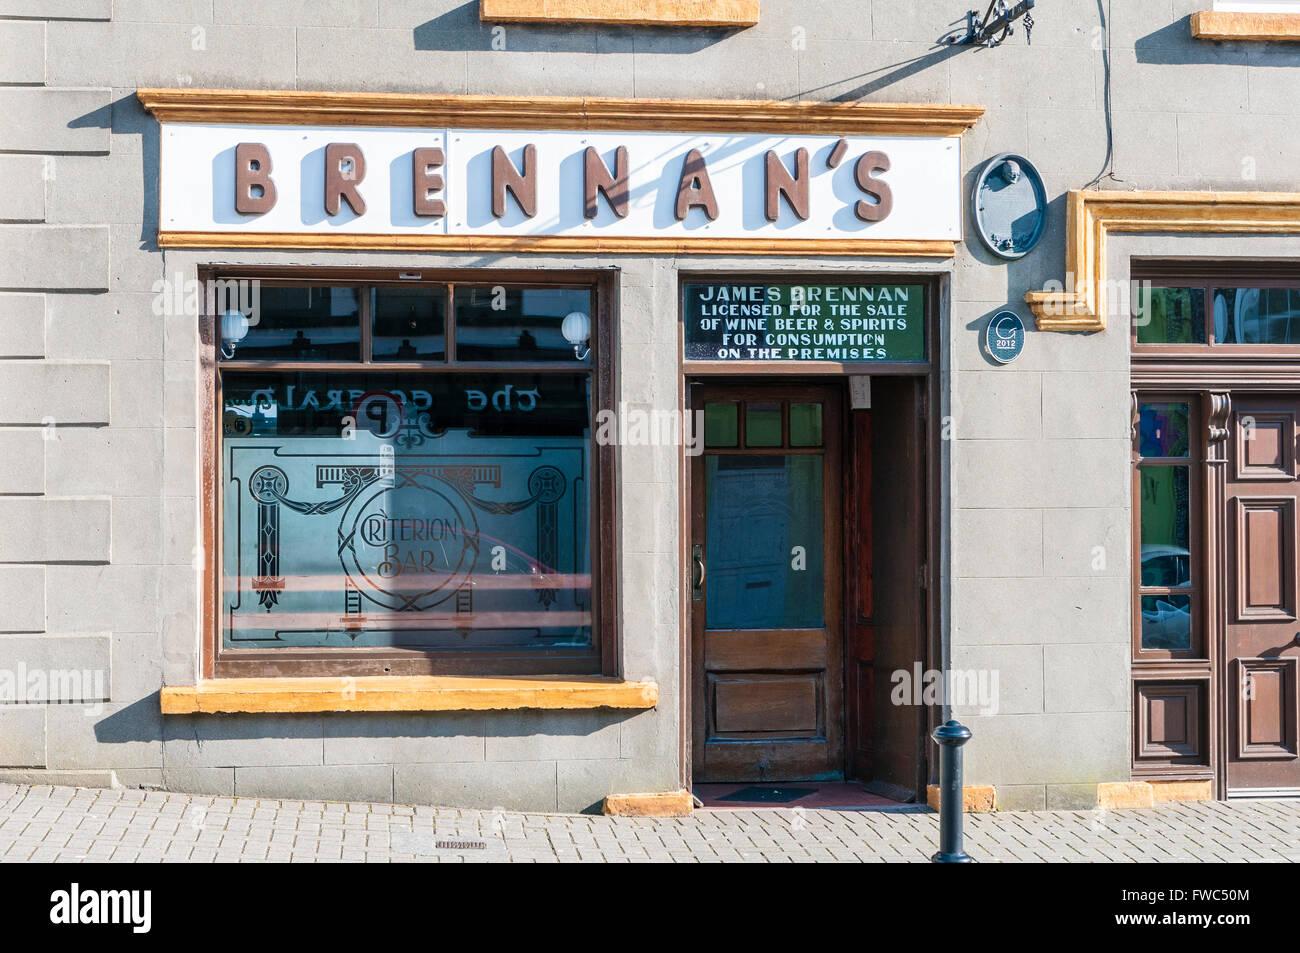 Brennan's Irish pub.  Bundoran, Ireland - Stock Image